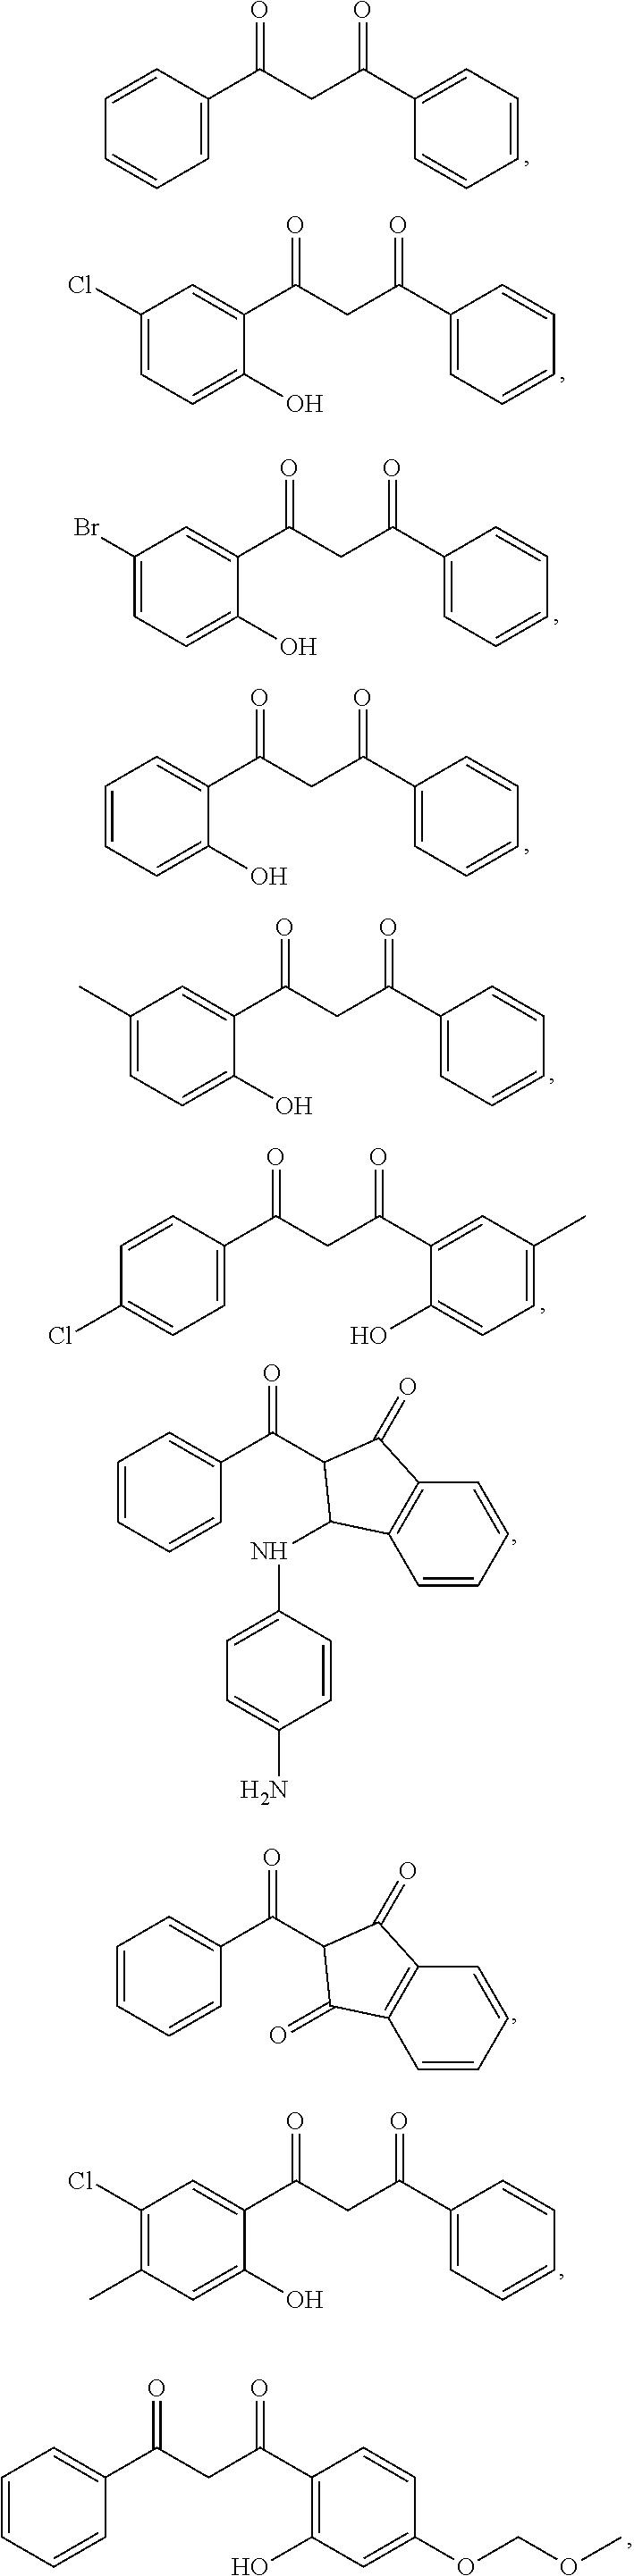 Figure US07955861-20110607-C00032